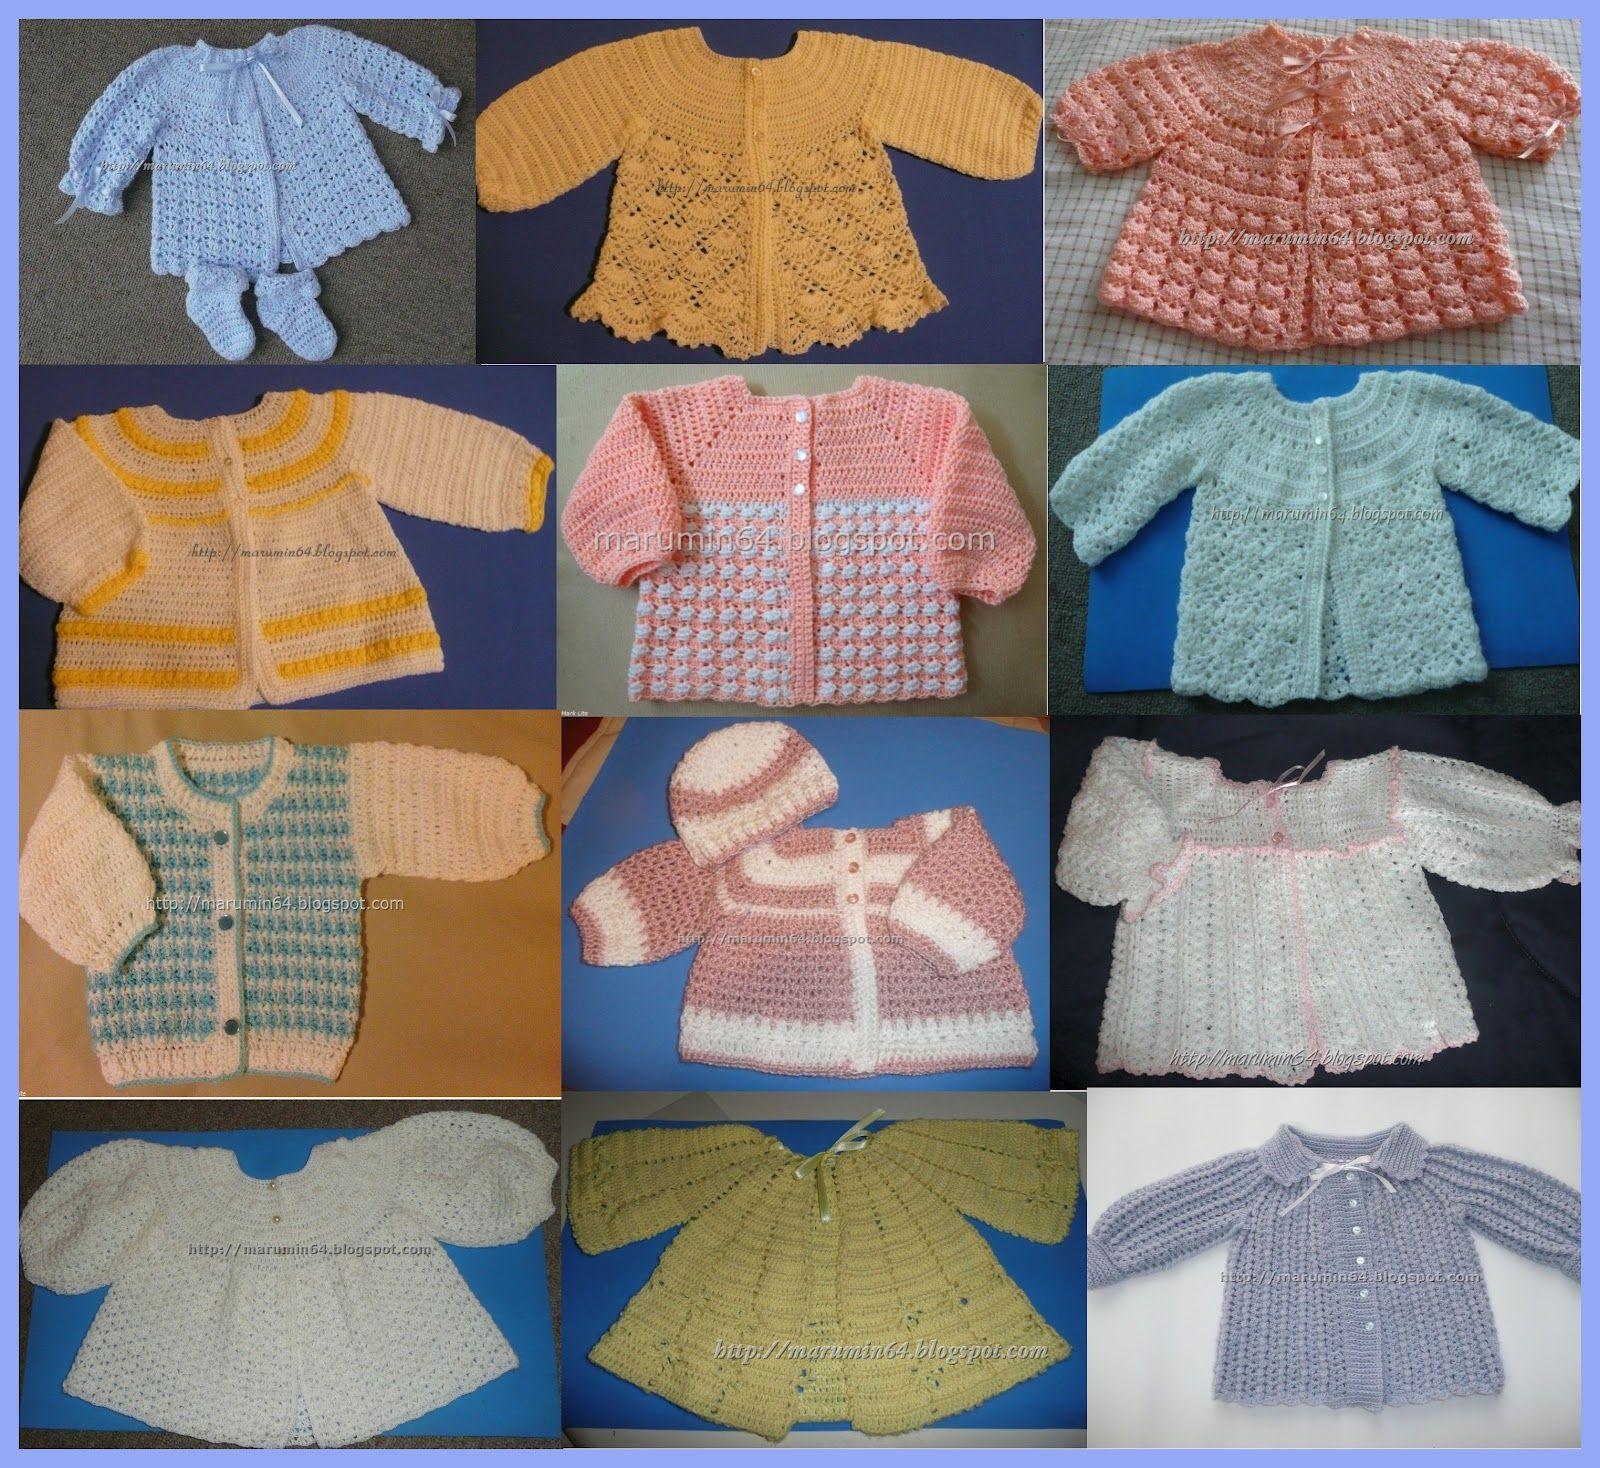 Marumin Crochet | Baby Crochet | Pinterest | Chaquetas, Me gustas y ...